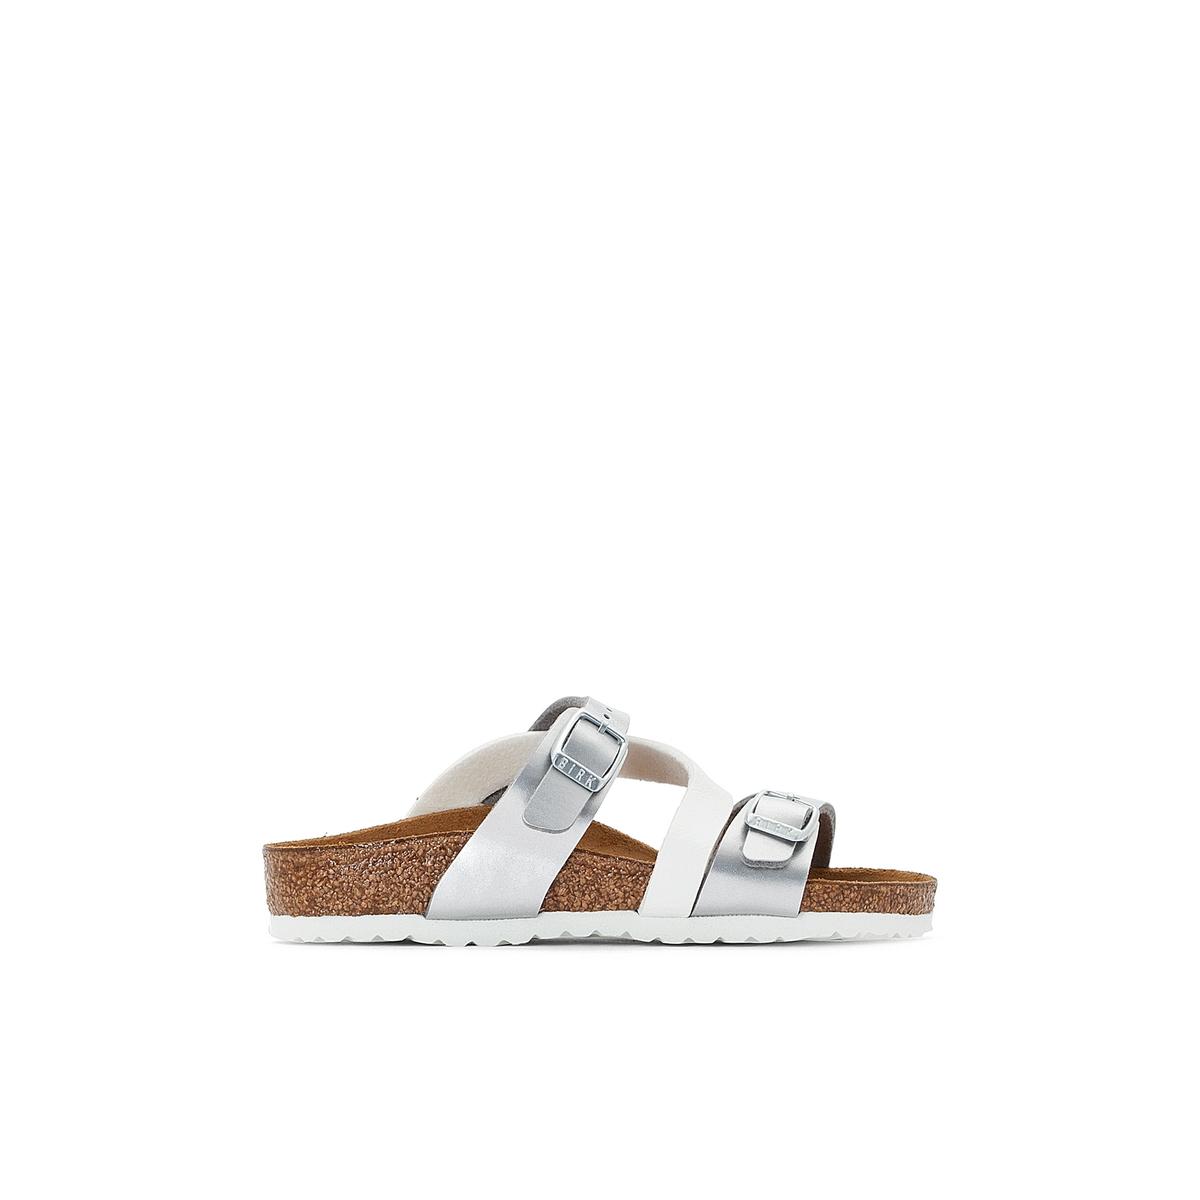 Туфли без задника с открытым мыском Salina, размеры 26-38 сандалии salina